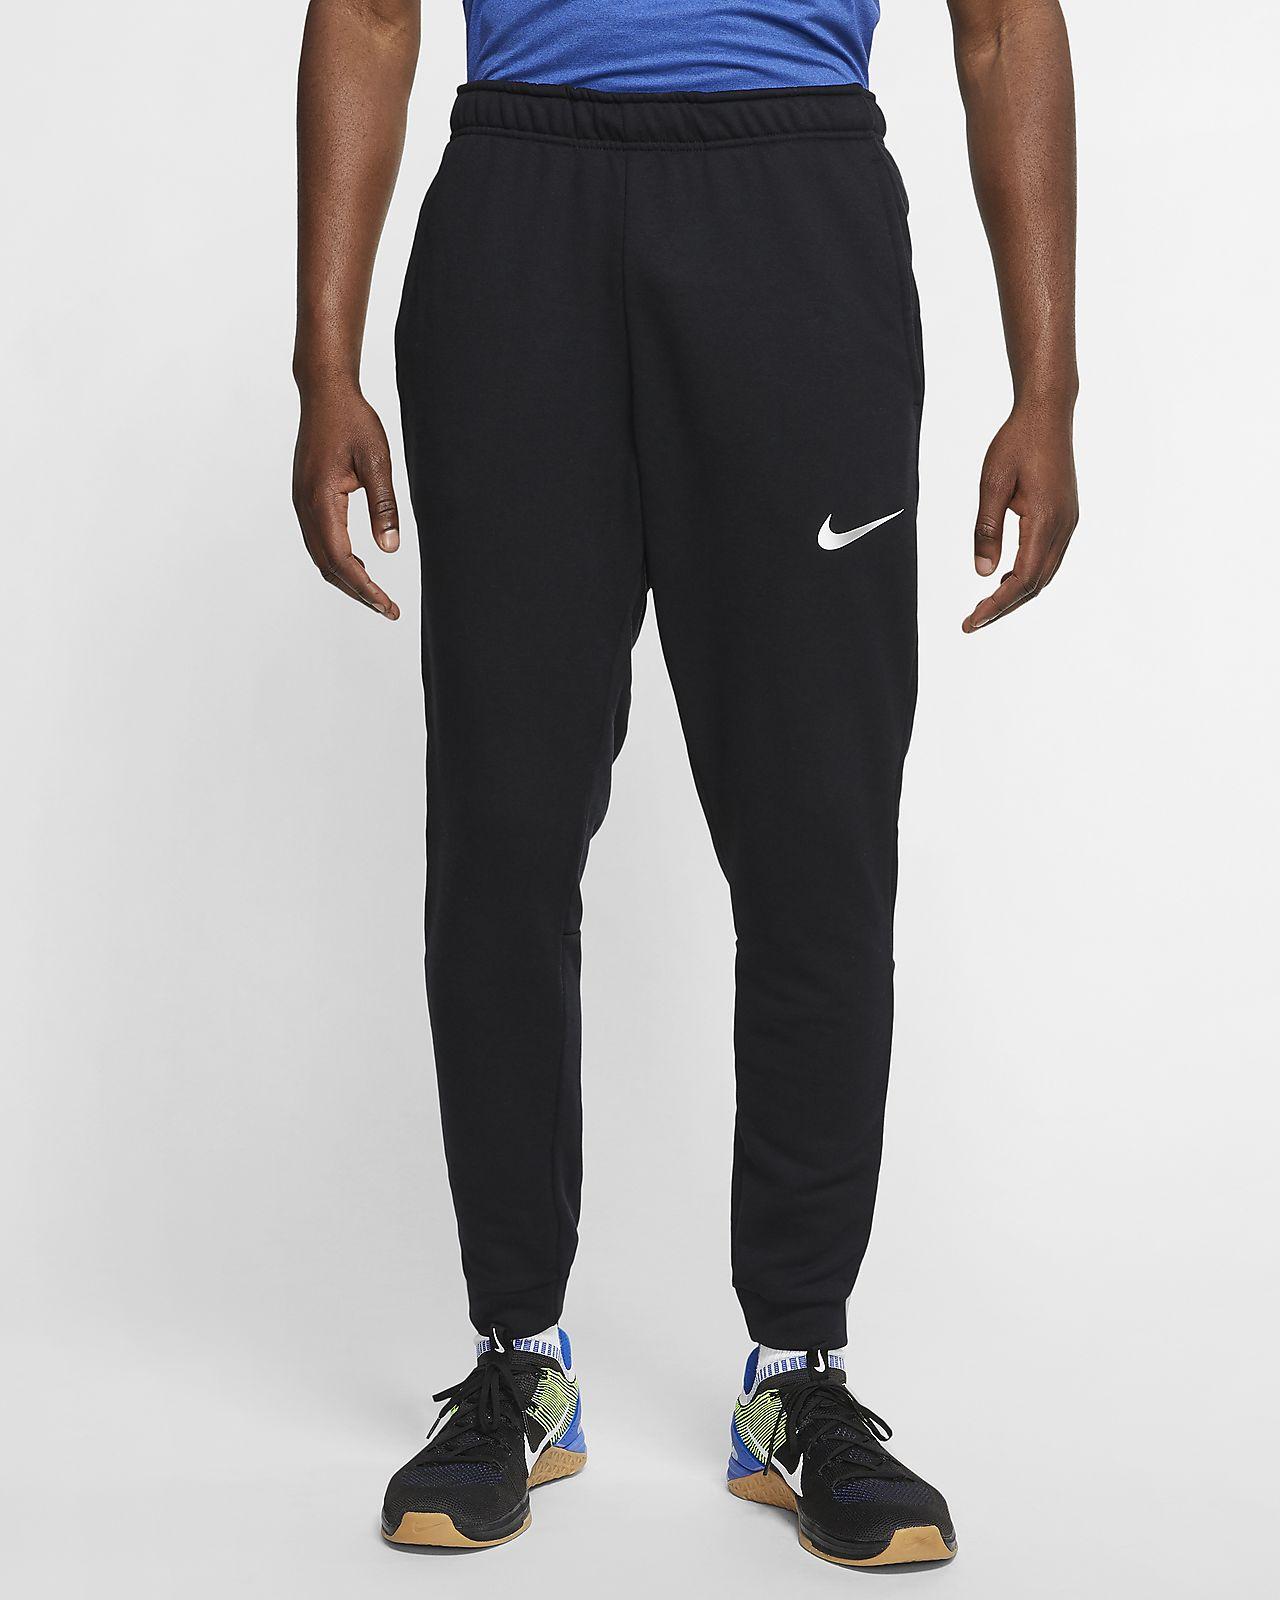 กางเกงเทรนนิ่งผ้าฟลีซผู้ชาย Nike Dri-FIT